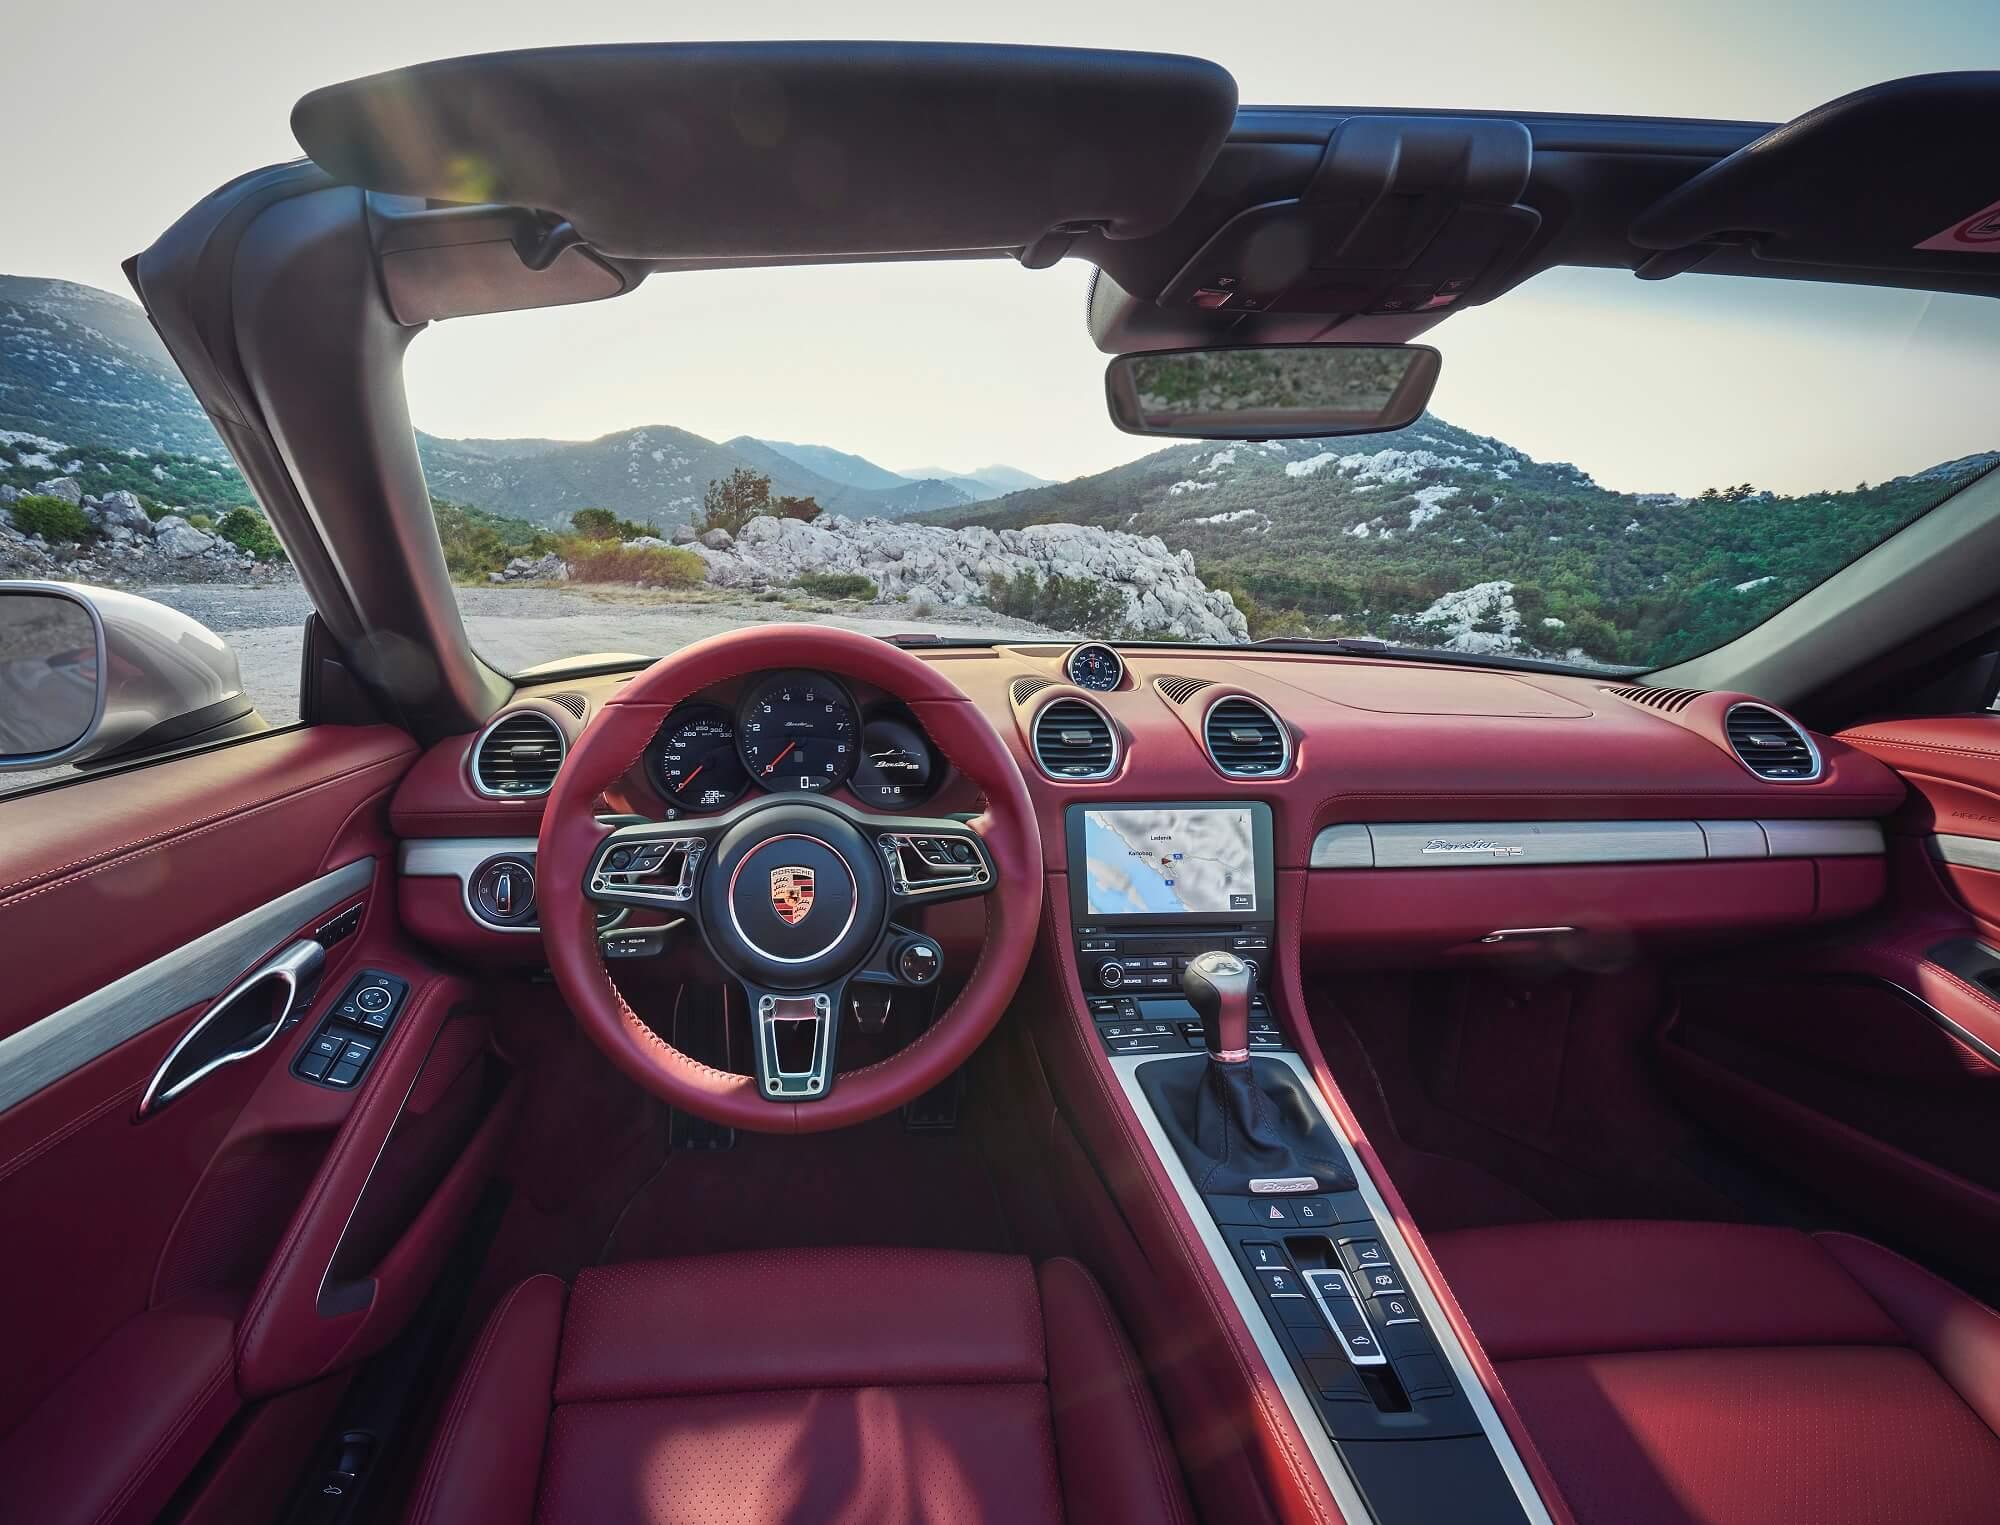 Porsche Boxster Edition 25 ans — Série limitée